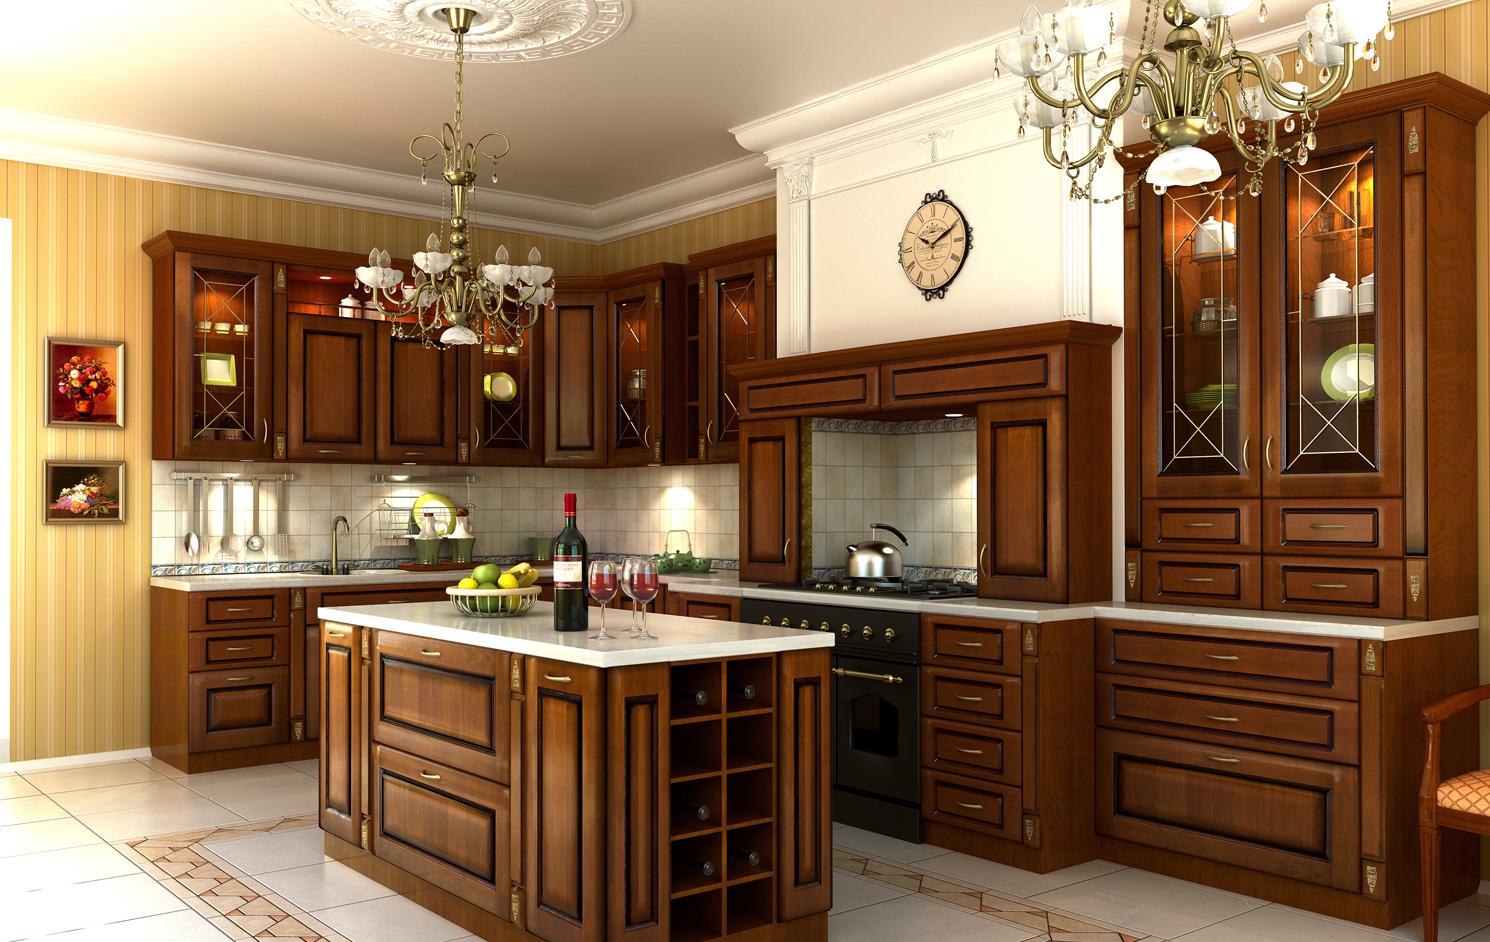 Кухня из массива дерева в классическом стиле